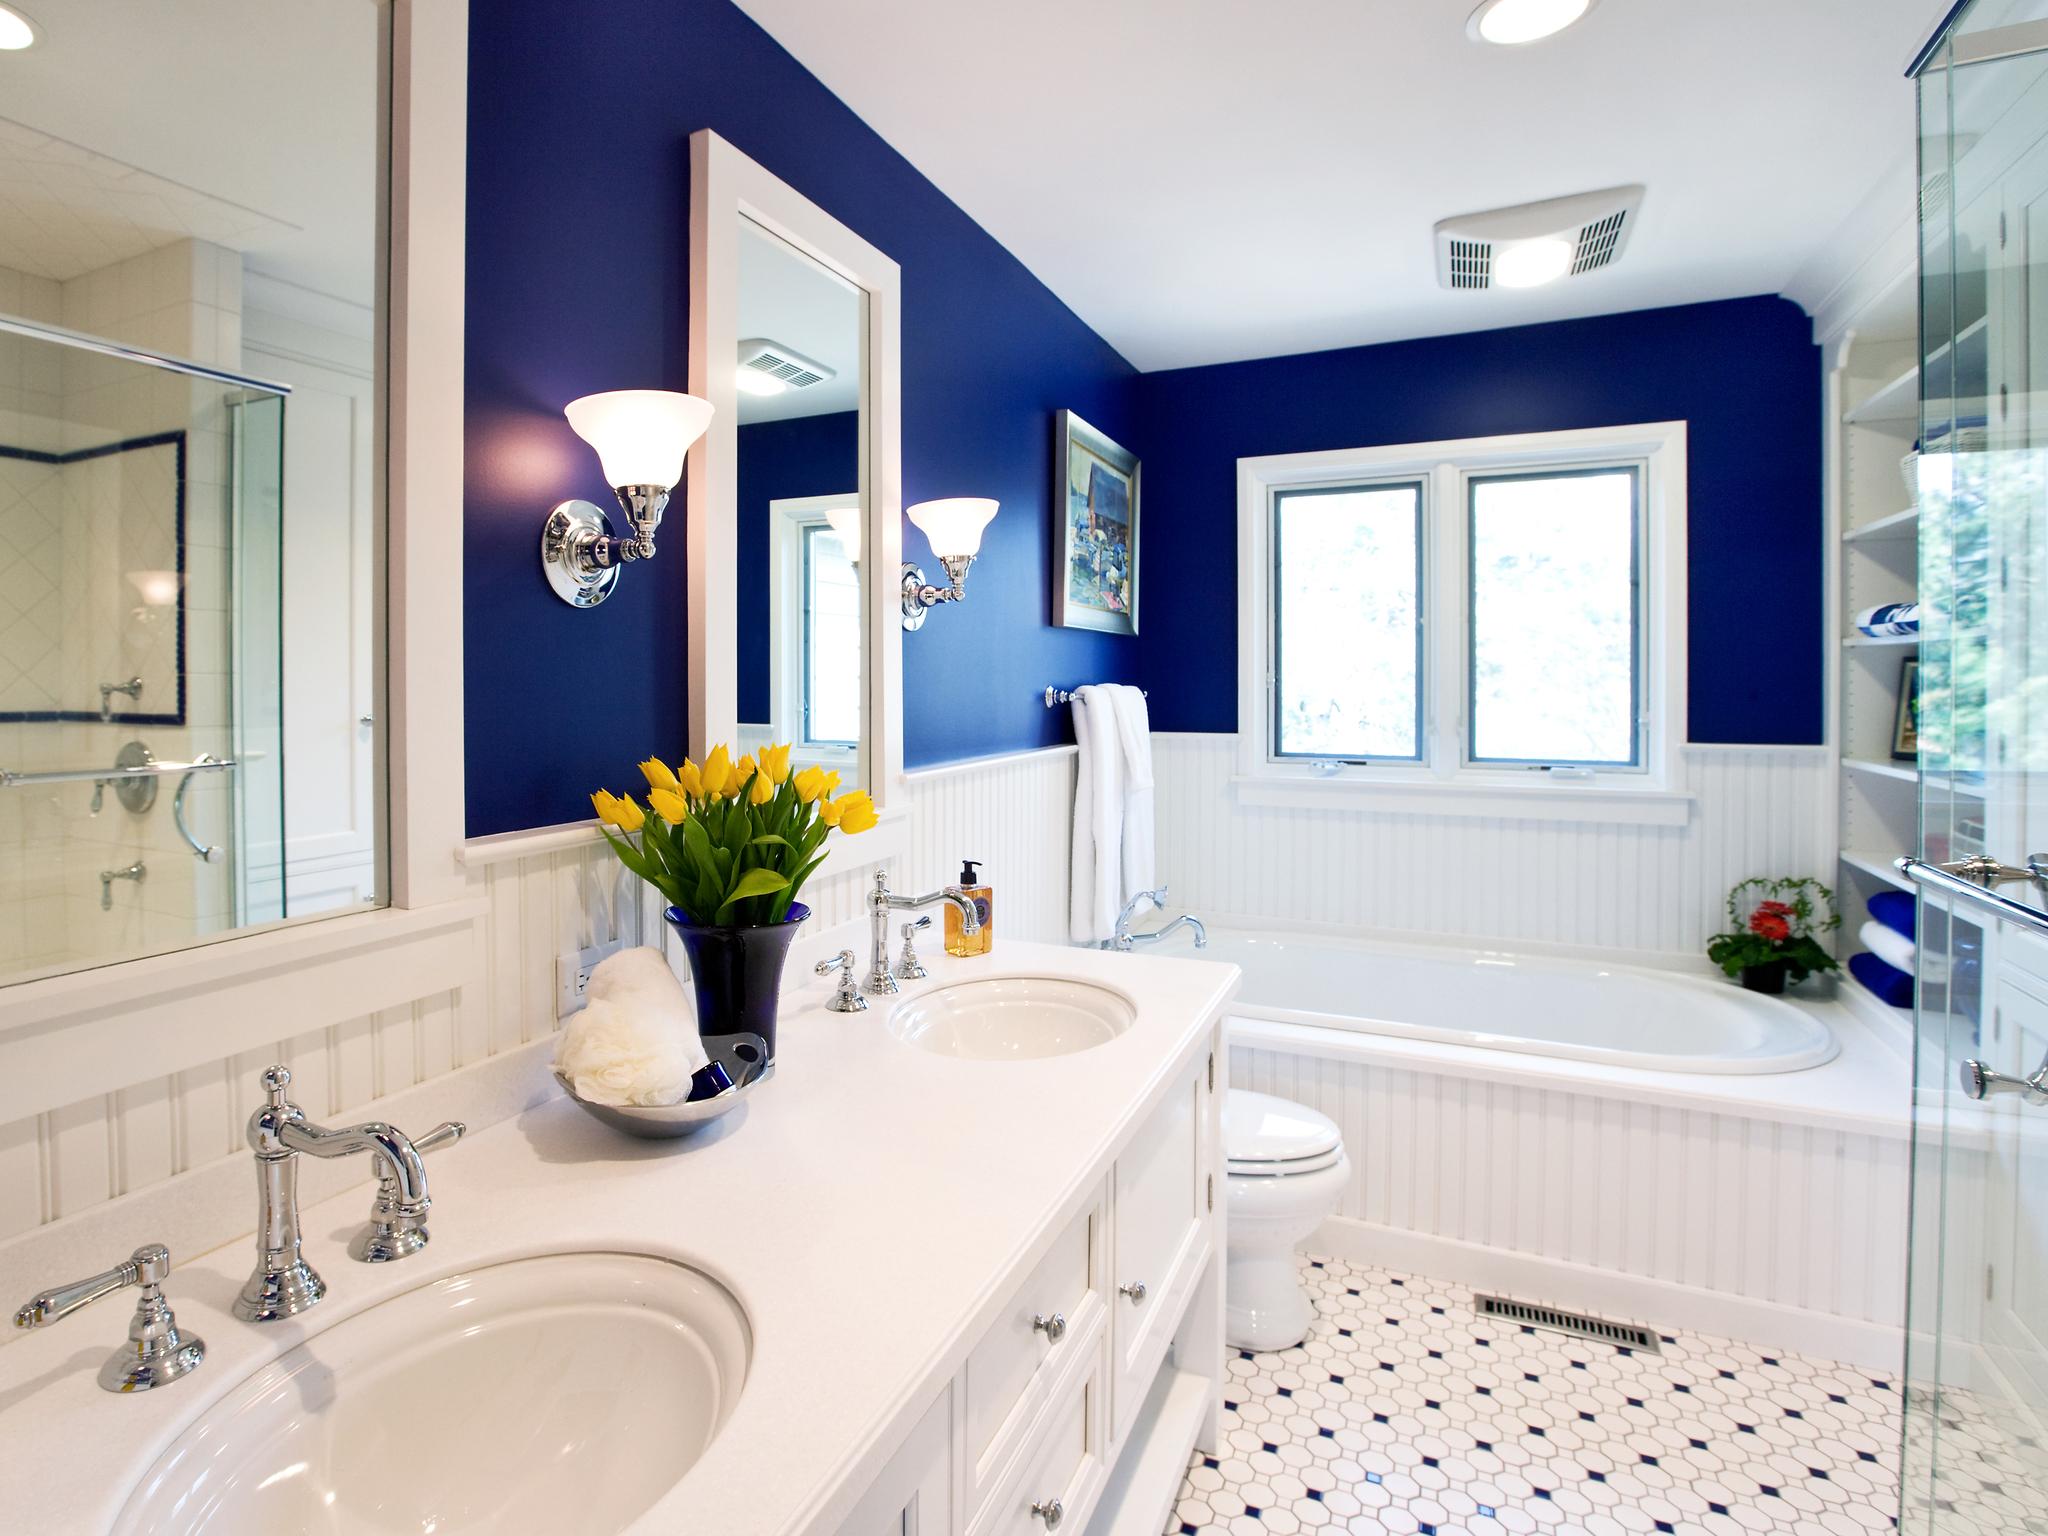 Оформление интерьера ванной комнаты